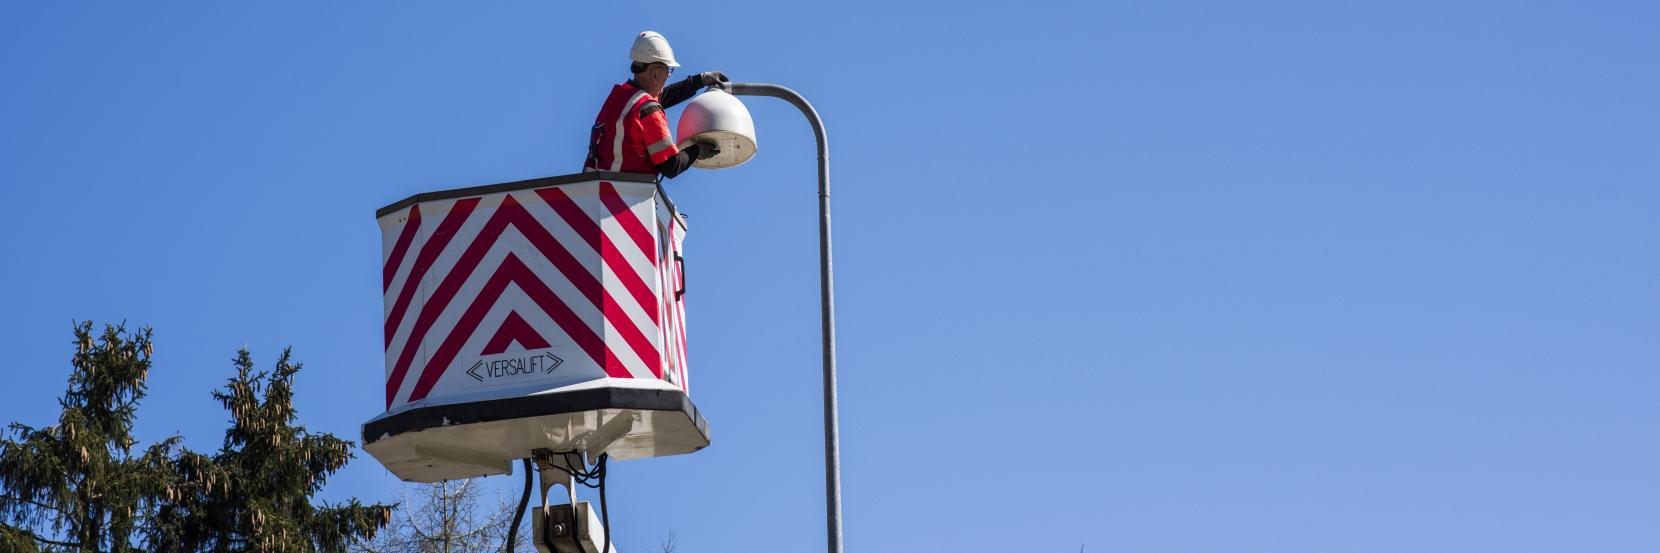 Mand reparerer gadelampe